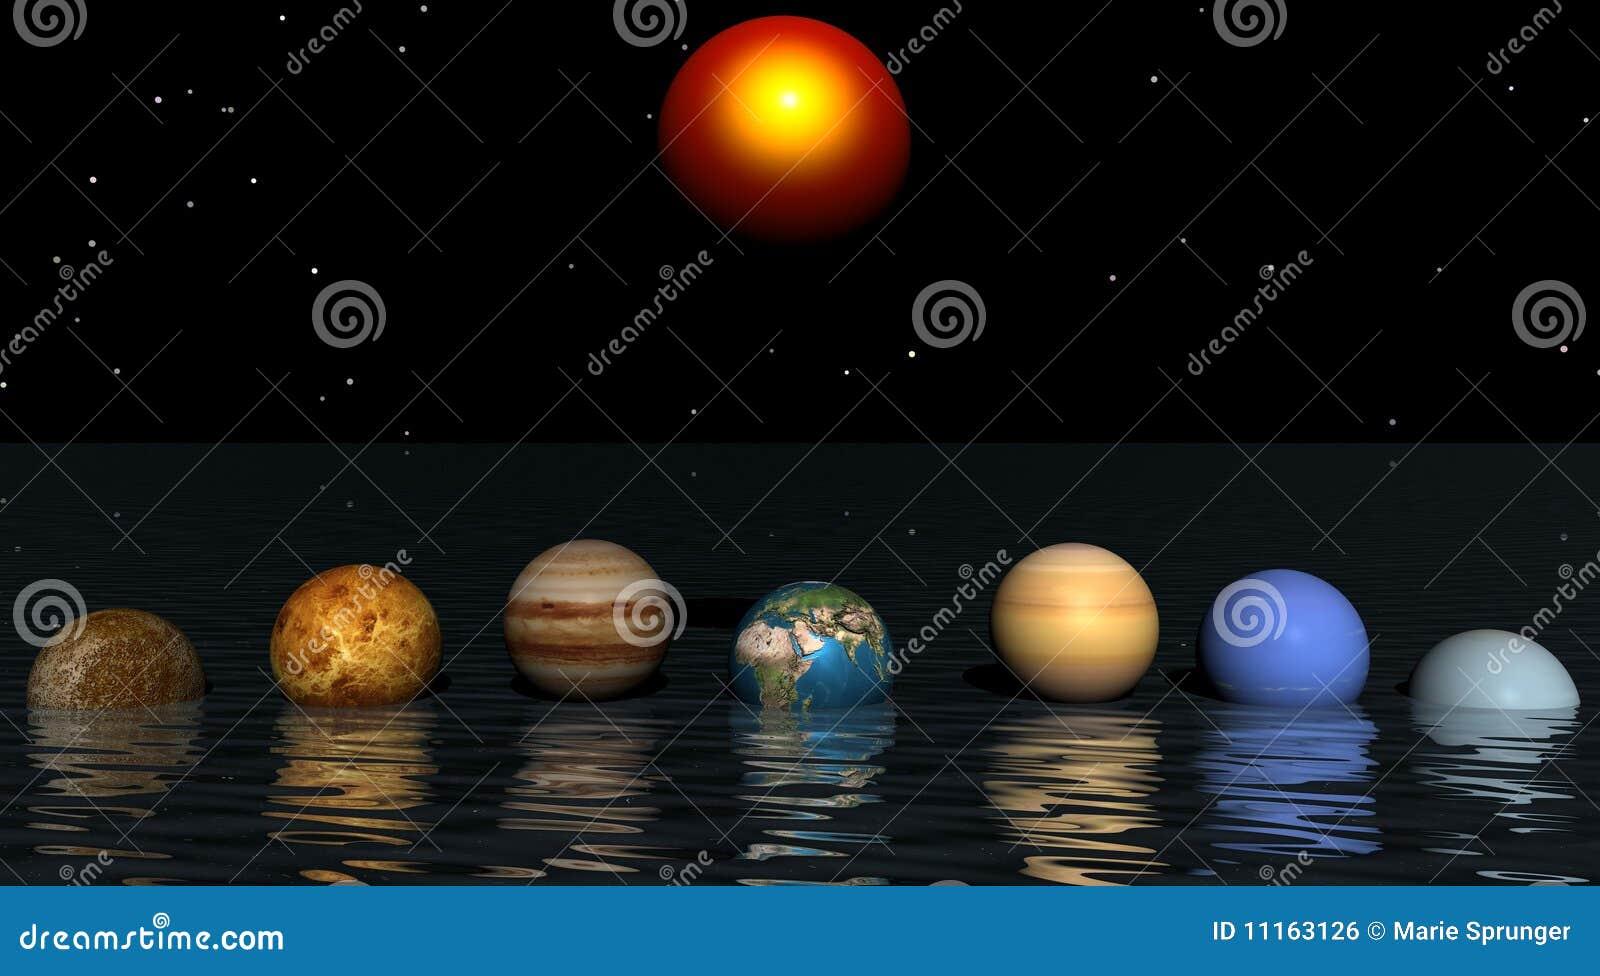 Zon en planeten stock illustratie afbeelding bestaande uit zonsondergang 11163126 for Wat zijn de koele kleuren